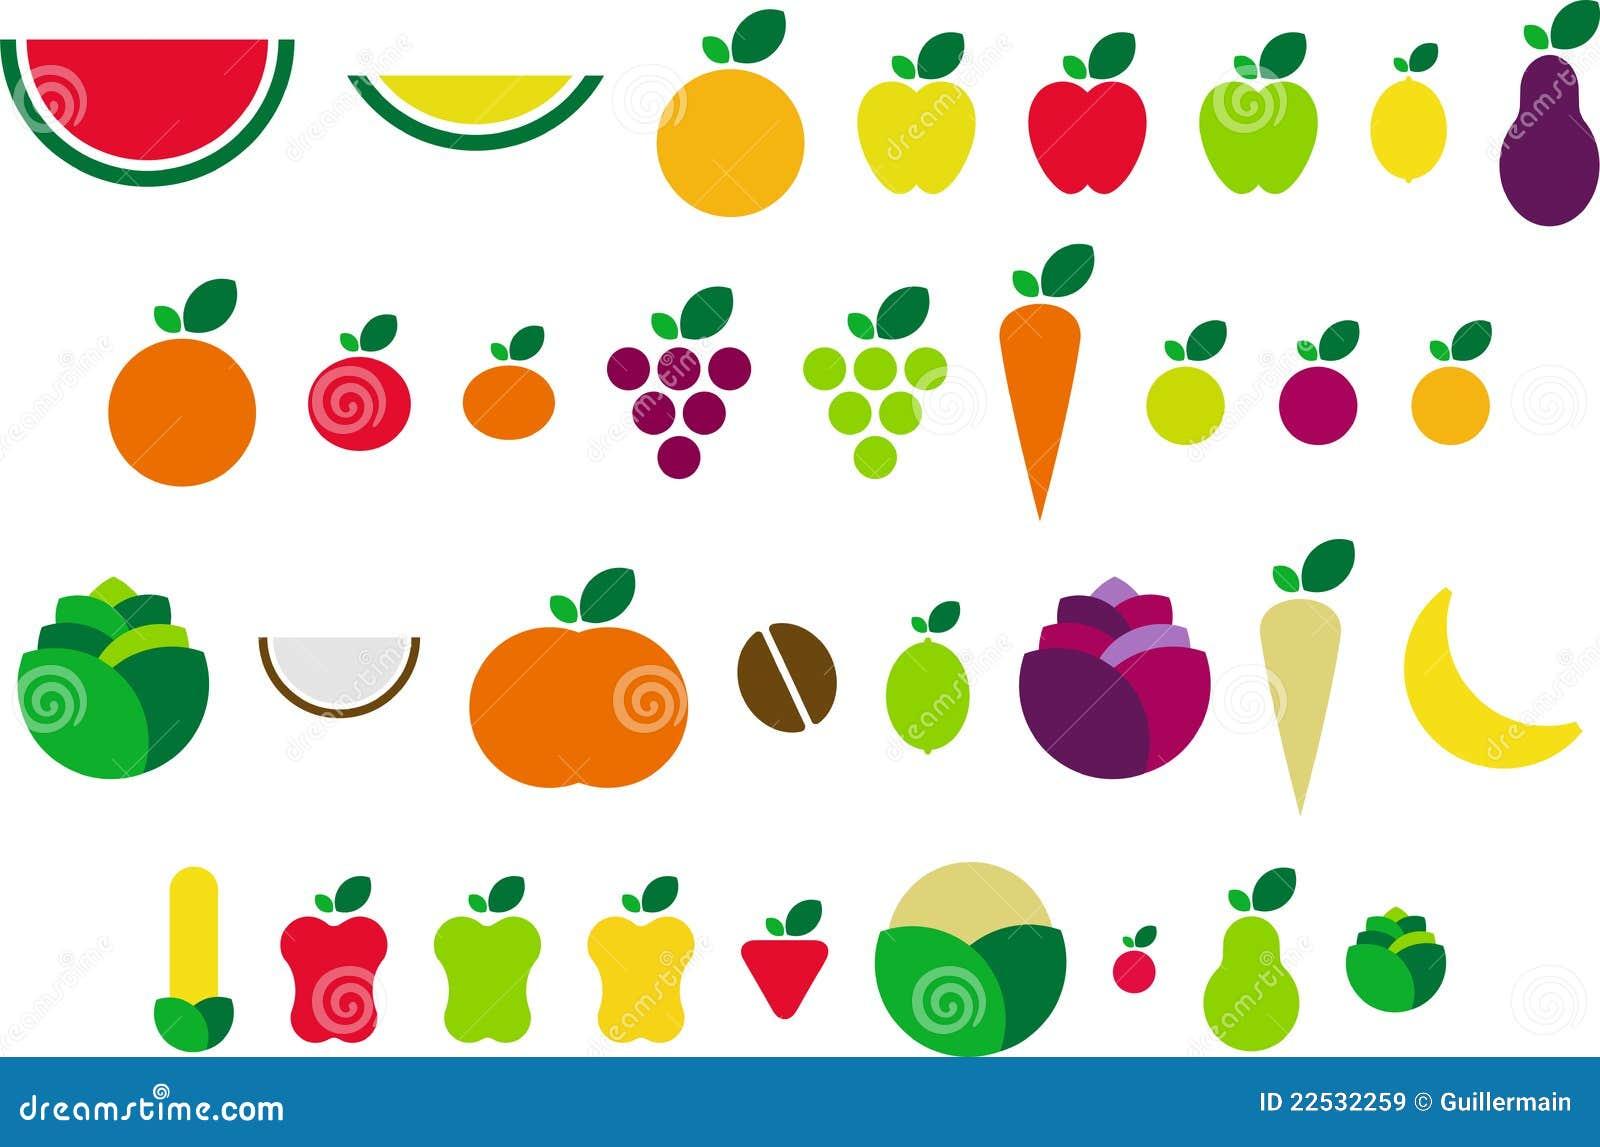 Frutta e verdure immagini stock libere da diritti - Immagine di frutta e verdura ...